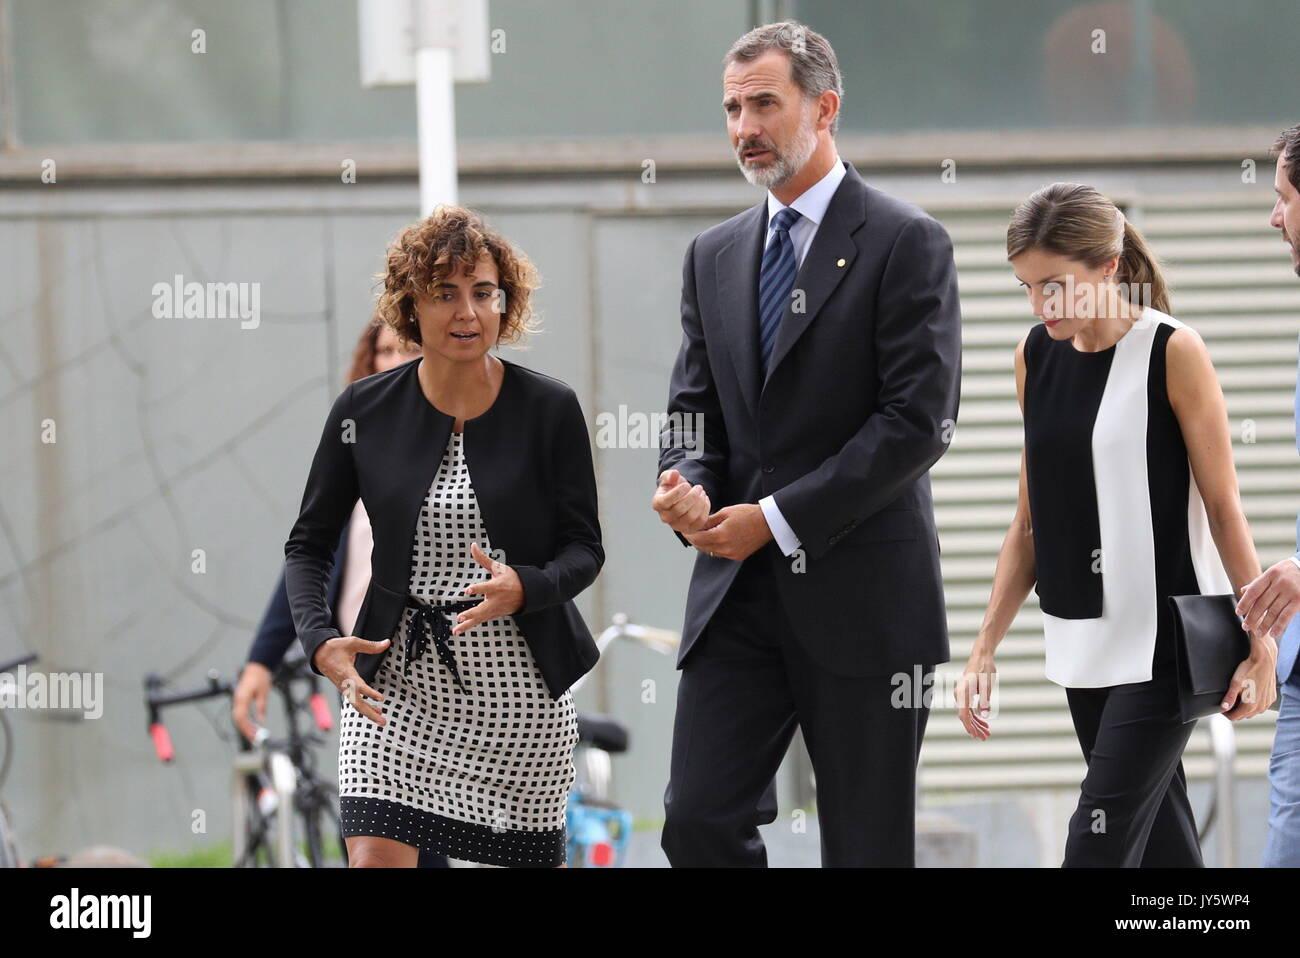 Barcelona, Spanien. 19 Aug, 2017. Spaniens König Felipe VI (2-L) und seine Frau Königin Letizia (2-R) zusammen mit Stockfoto